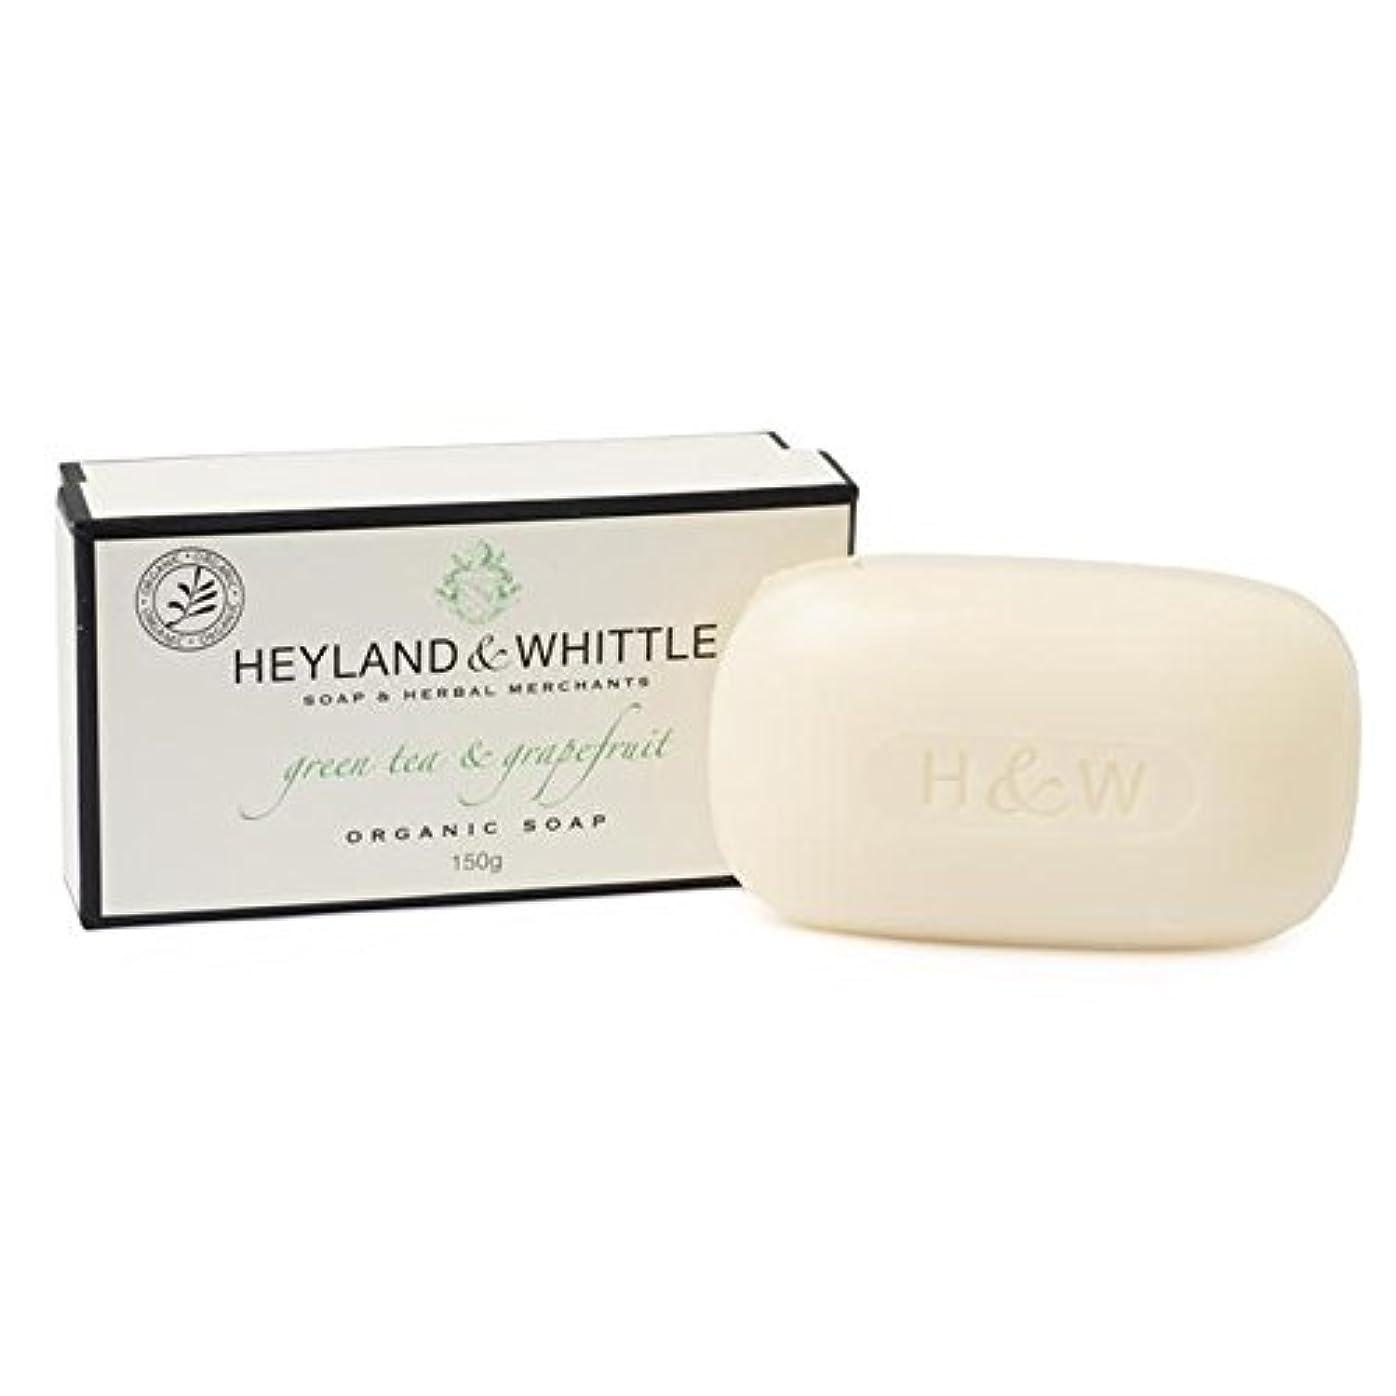 コントロールスラック後者Heyland & Whittle Green Tea & Grapefruit Boxed Organic Soap 150g (Pack of 6) - &削る緑茶&グレープフルーツはオーガニックソープ150グラム箱入り x6 [並行輸入品]